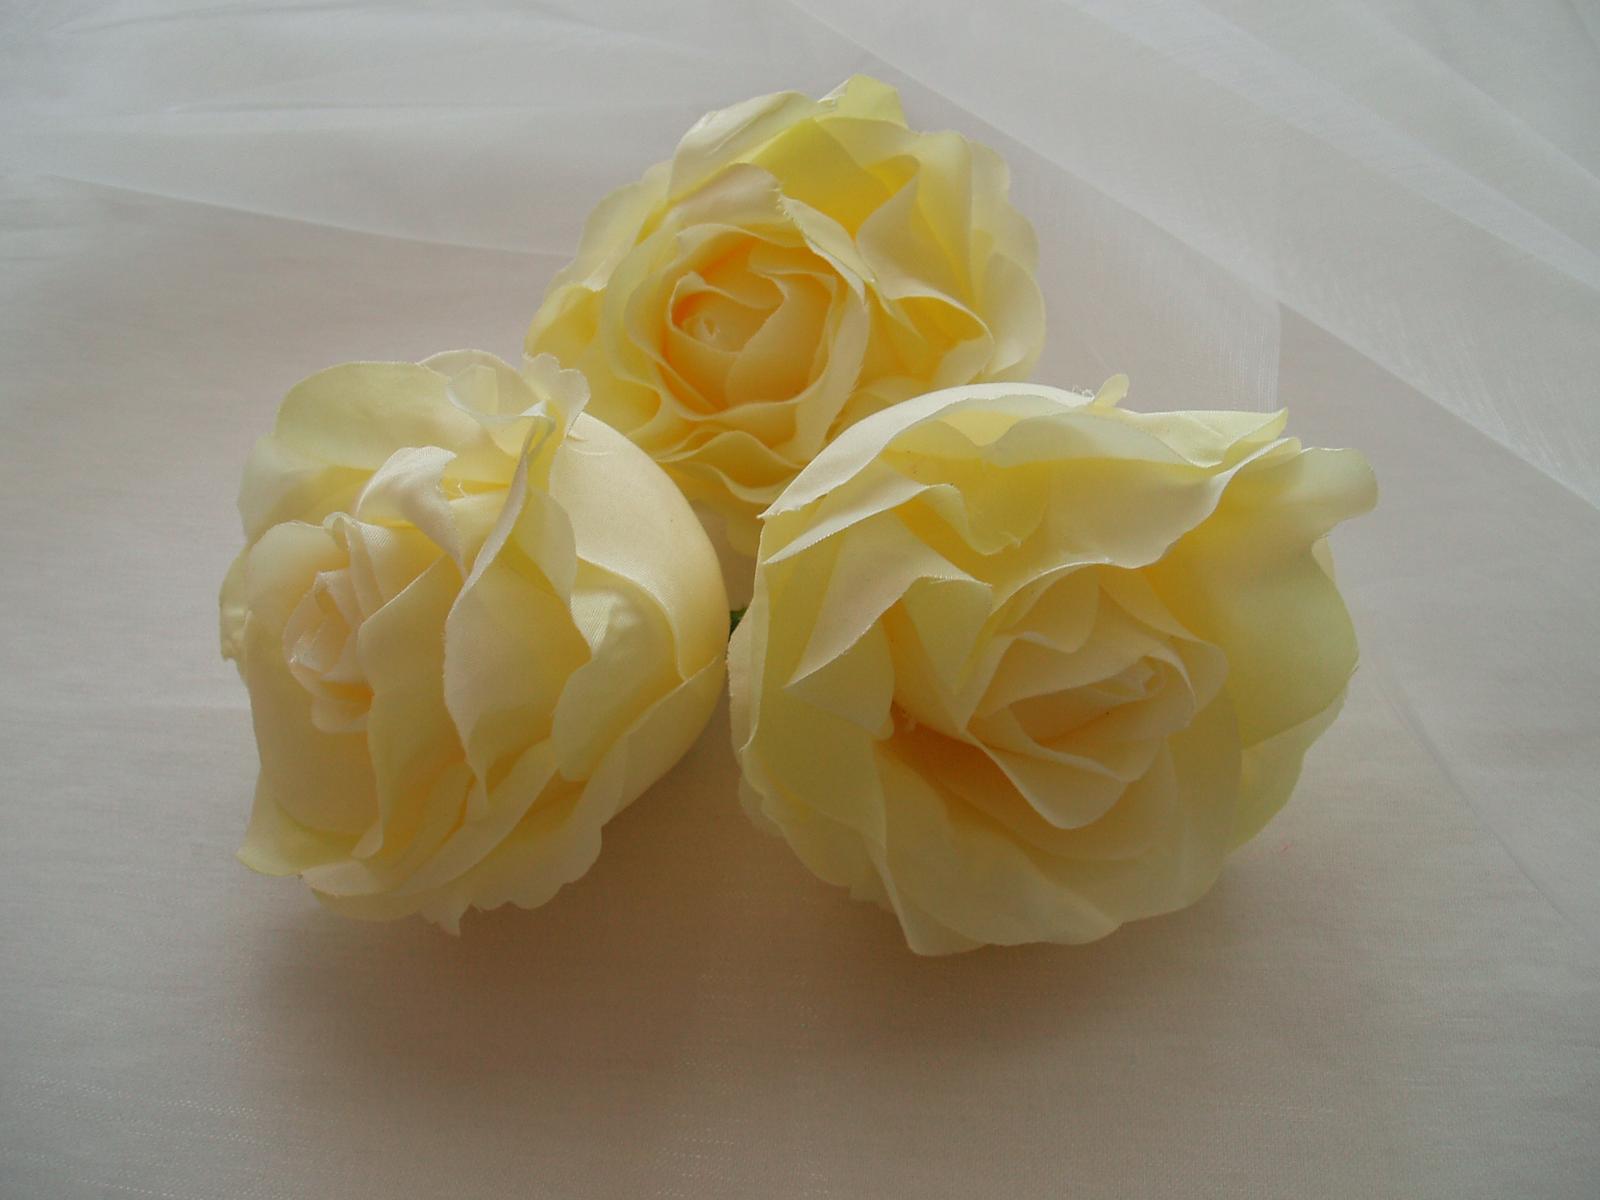 květ růže světle žluté - Obrázek č. 1